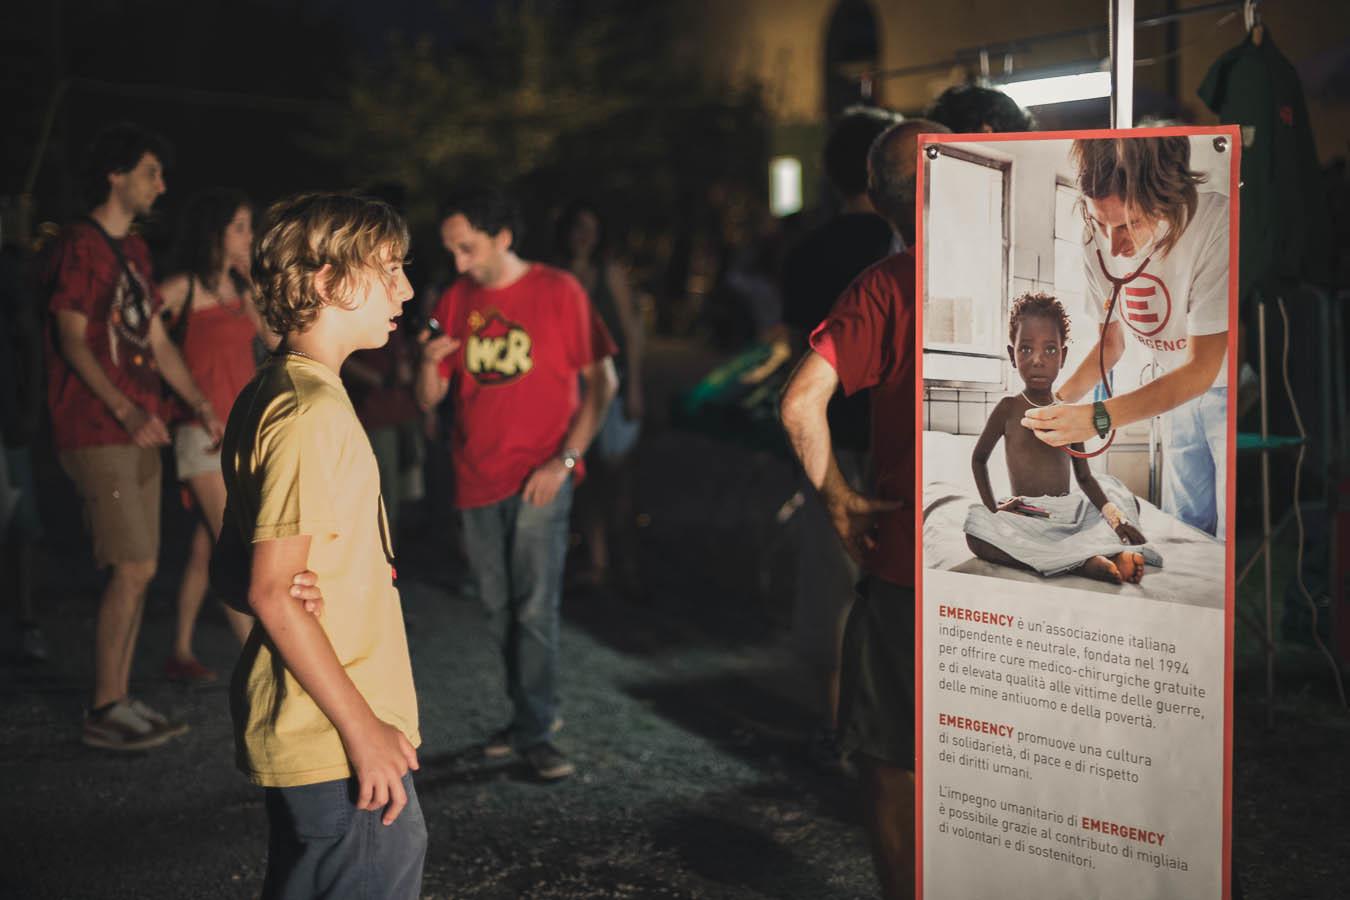 fotografo_eventi_concerti_festival_desio_tittoni_foto_marco_reggi_153